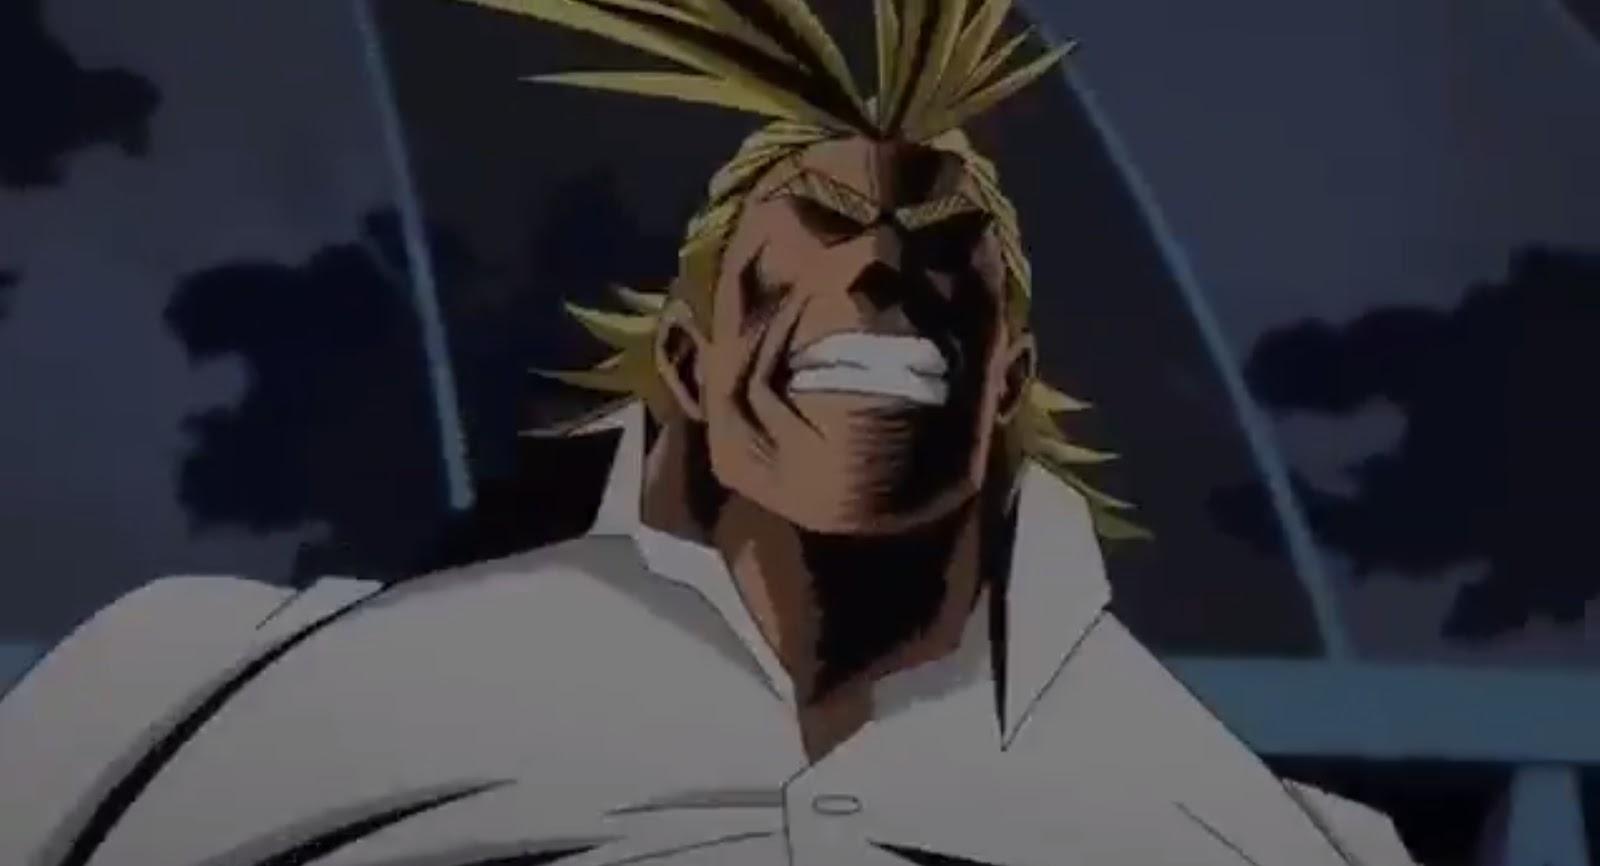 Boku no Hero Academia 2nd Season: Hero Note, Assistir Boku no Hero Academia 2nd Season: Hero Note, OVa, Boku no Hero Academia 2nd Season: Hero Note